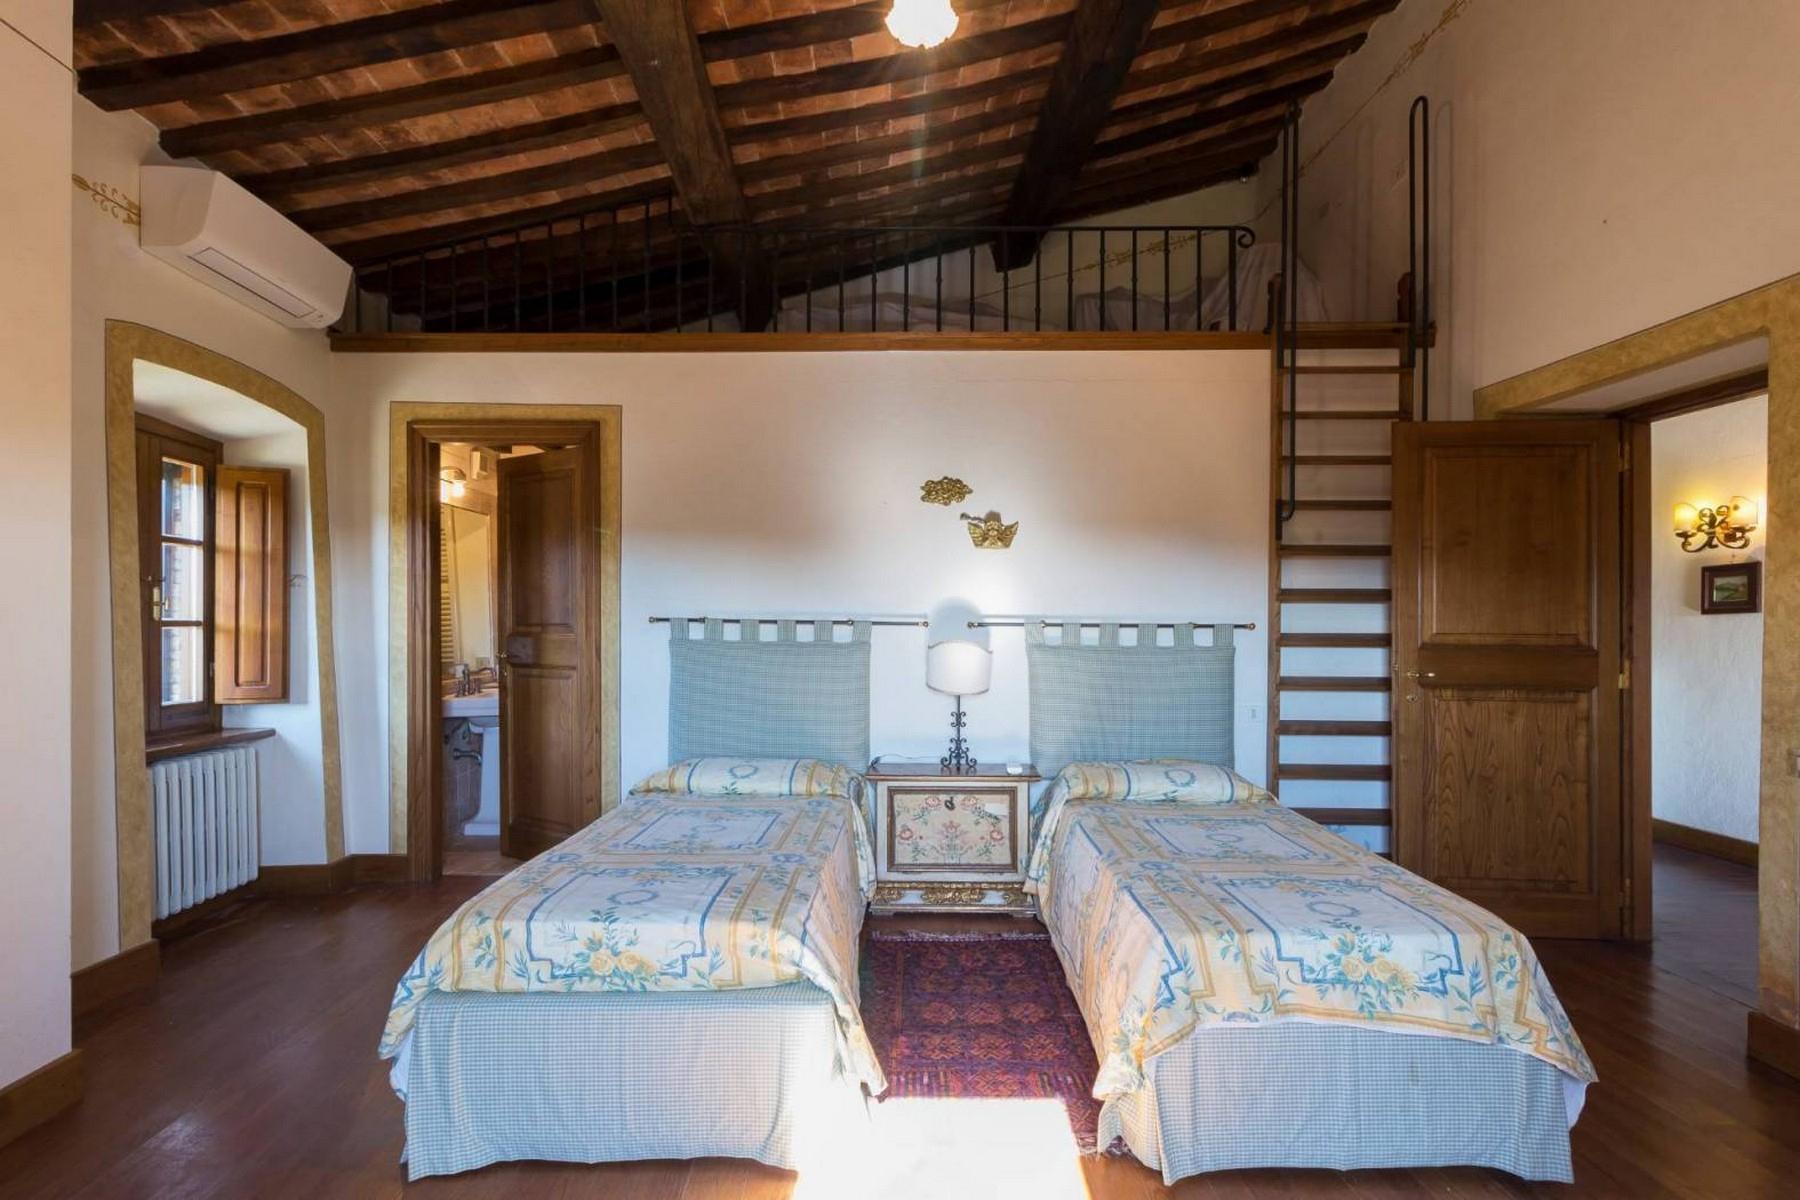 Rustico in Vendita a San Casciano Dei Bagni: 5 locali, 350 mq - Foto 13